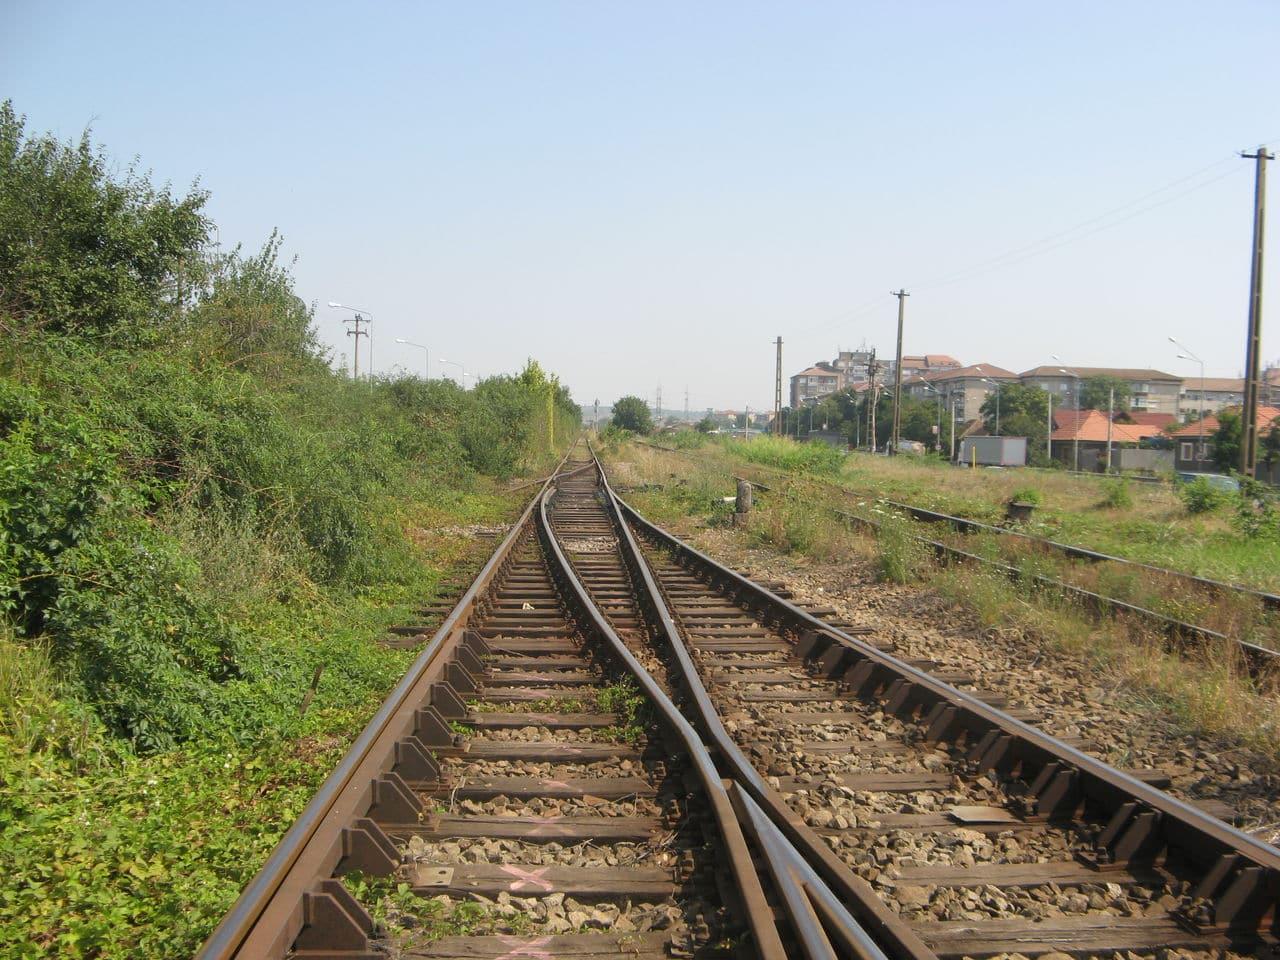 Calea ferată directă Oradea Vest - Episcopia Bihor IMG_0007